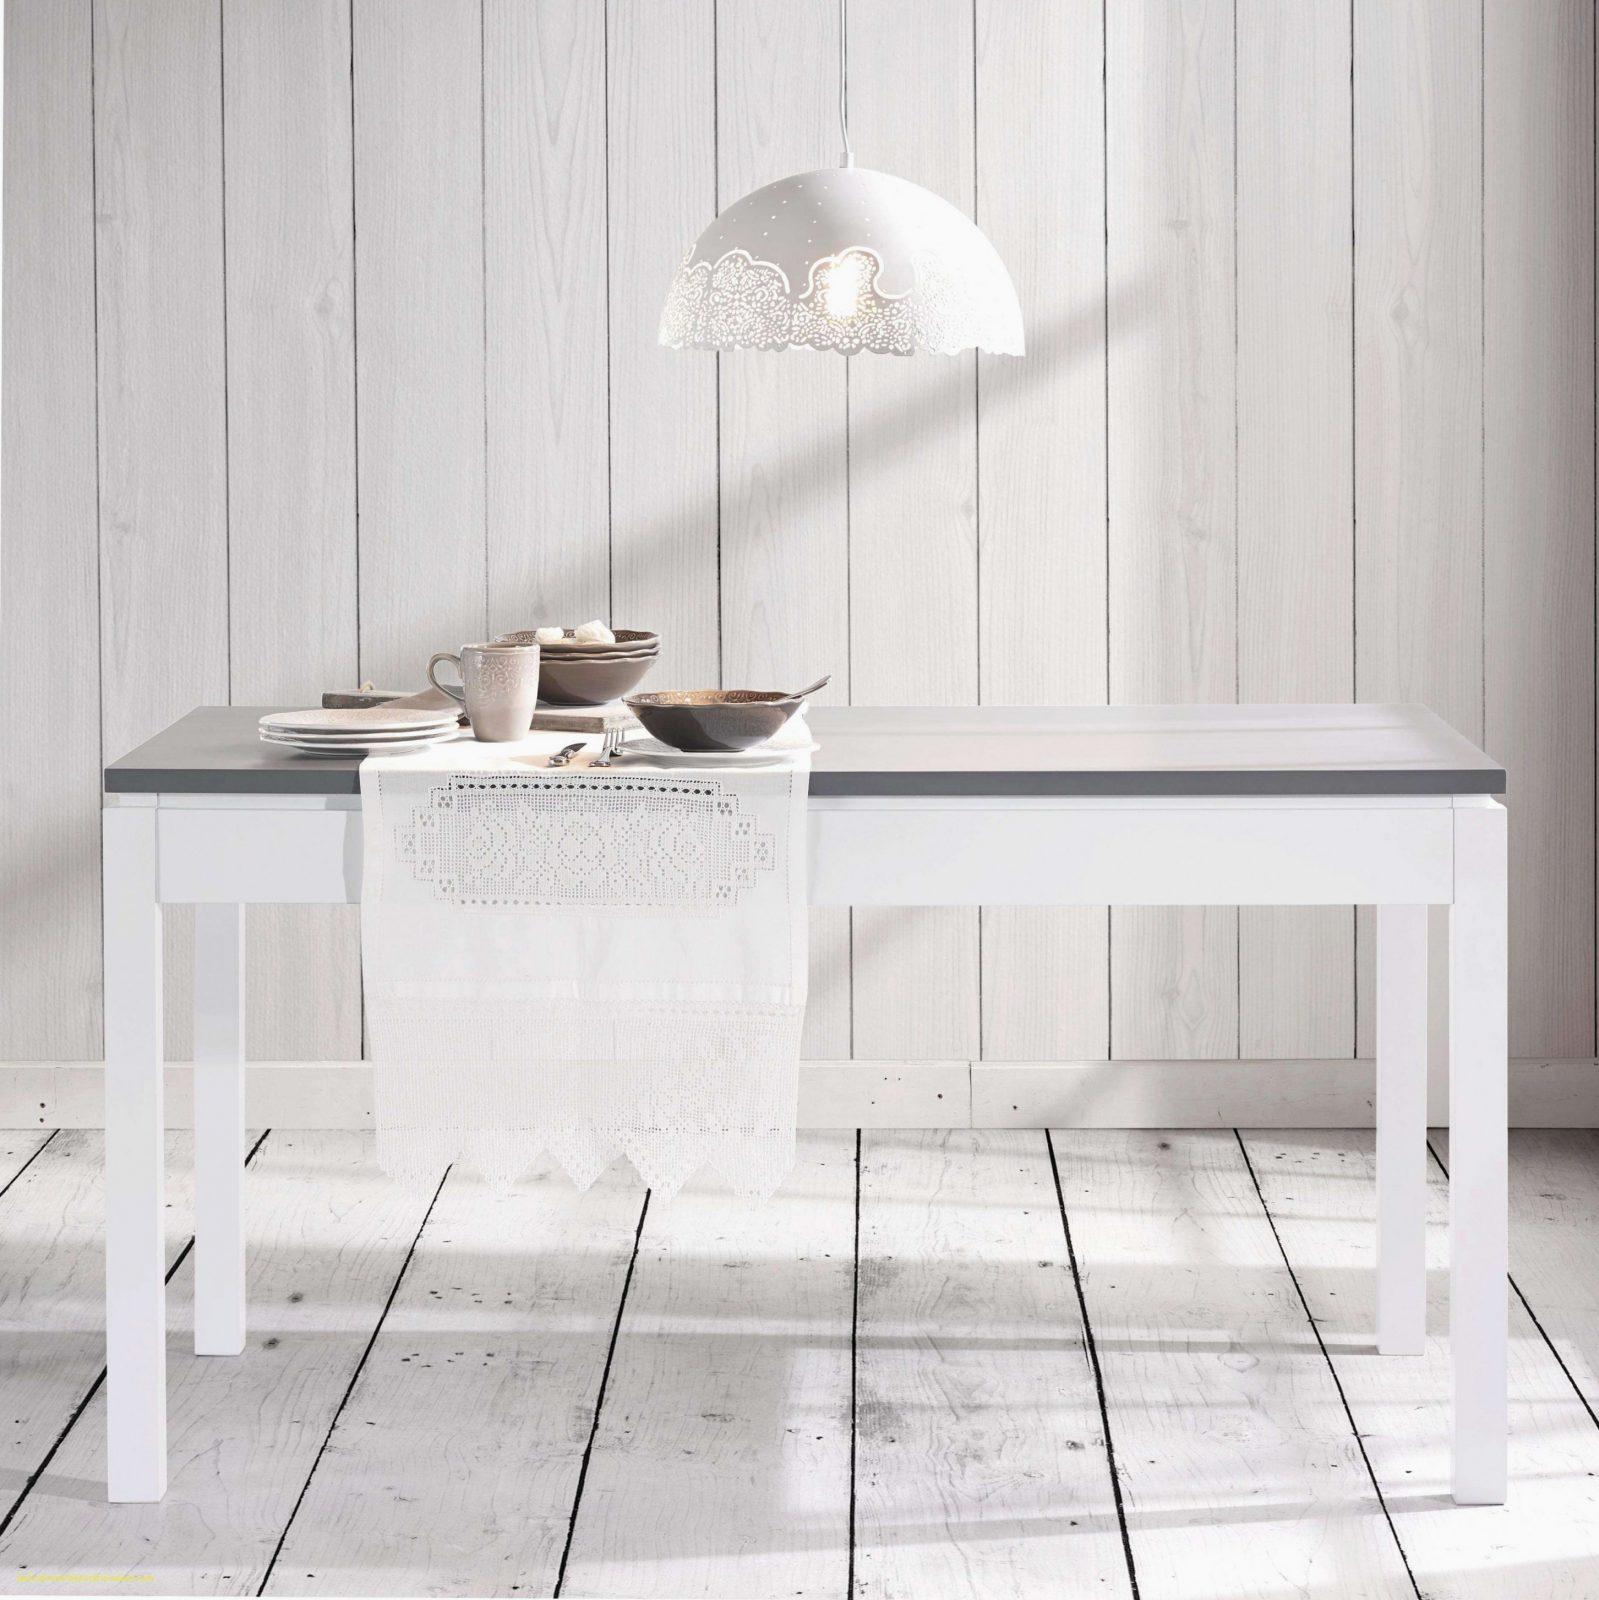 Kleine Schreibtische Für Wenig Platz Inspirierend Wohndesign von Kleine Schreibtische Für Wenig Platz Bild